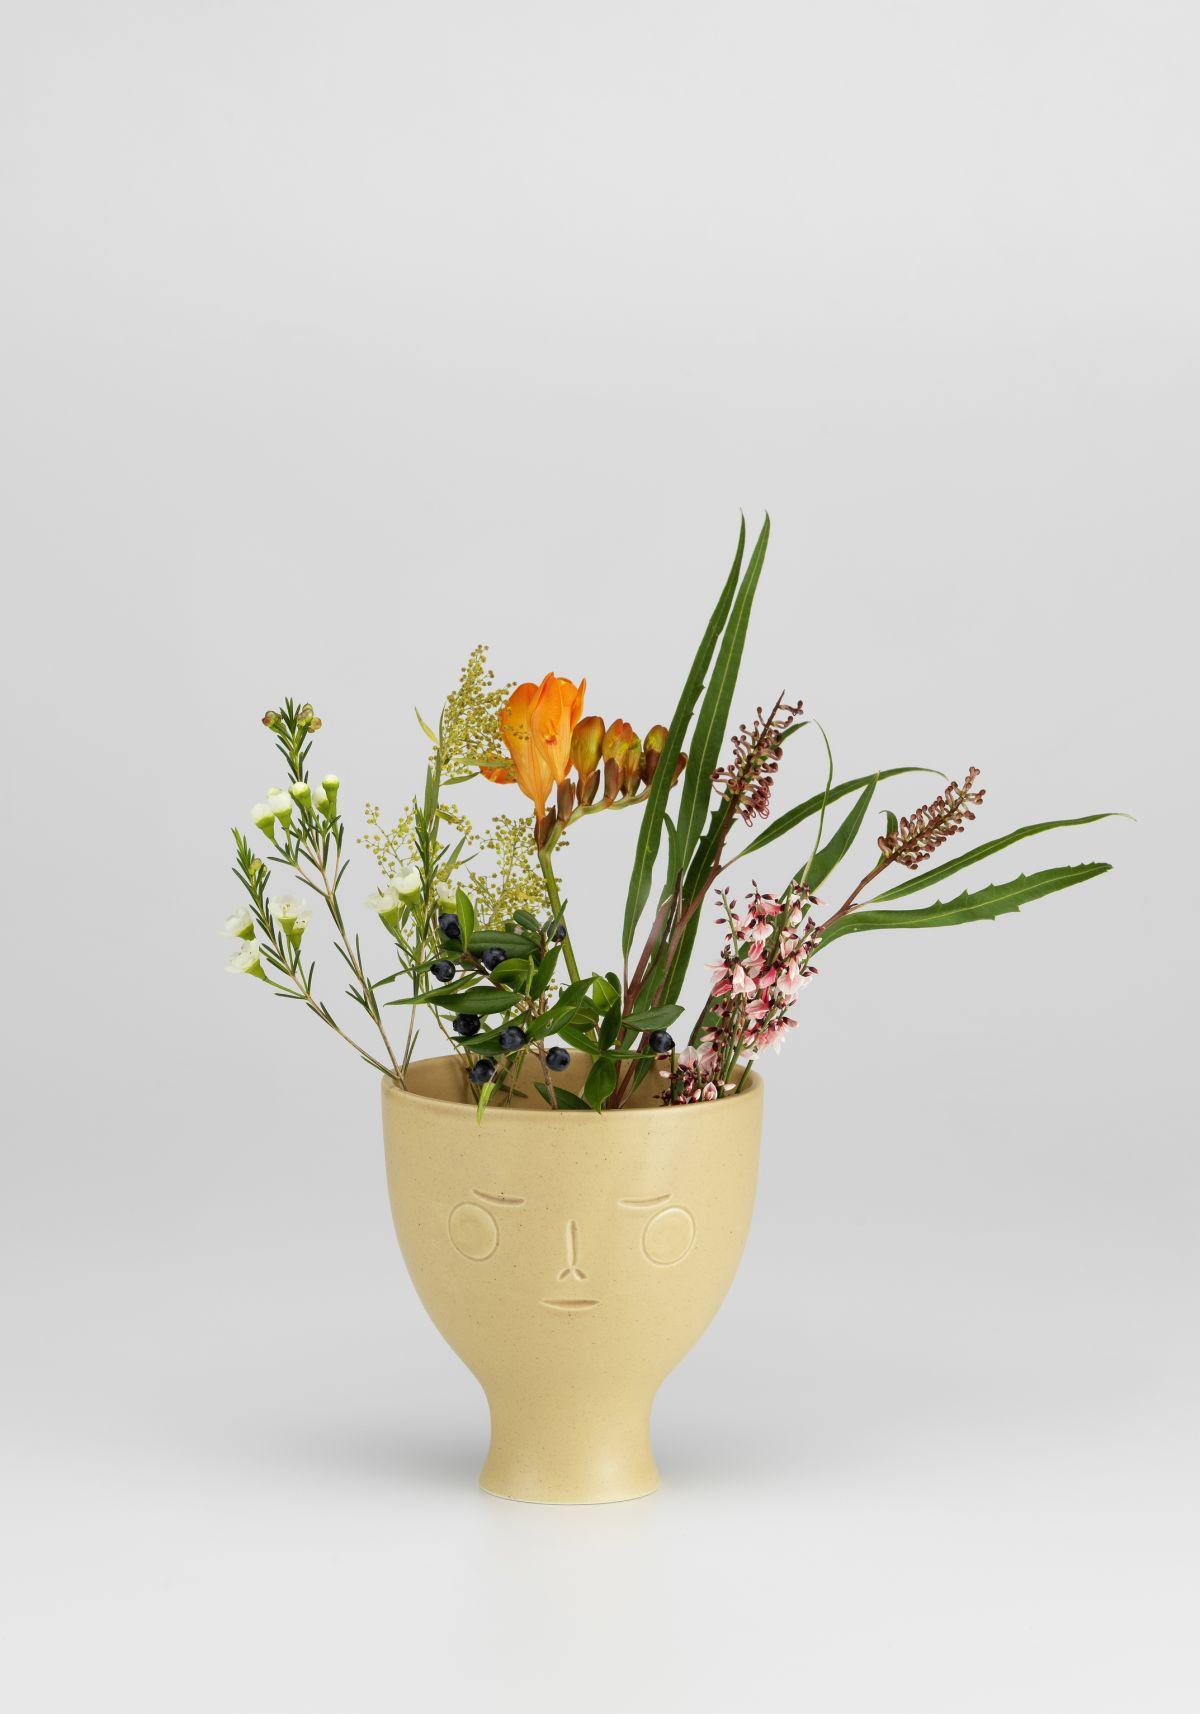 Secrets of Finland, Midsummer dream vase